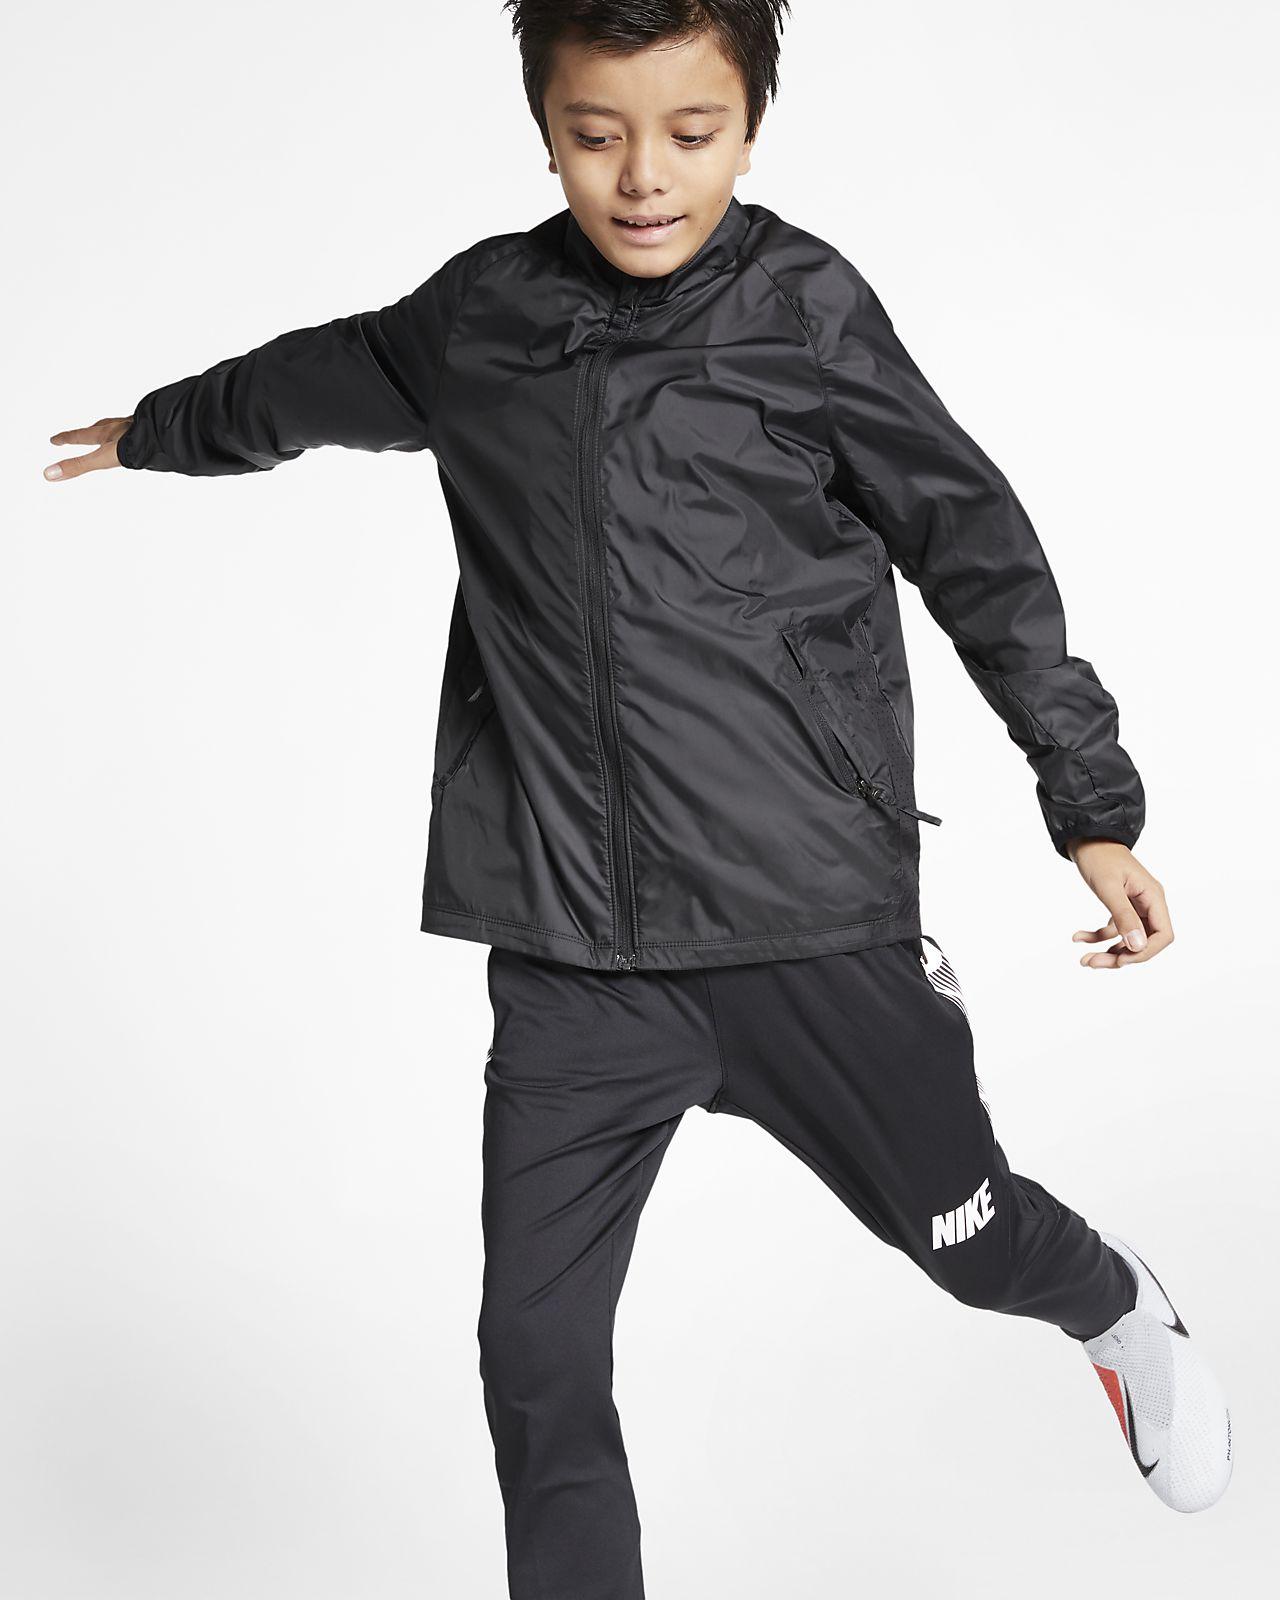 ÂgéBe De Plus Enfant Academy Veste Pour Football Nike wknOP0